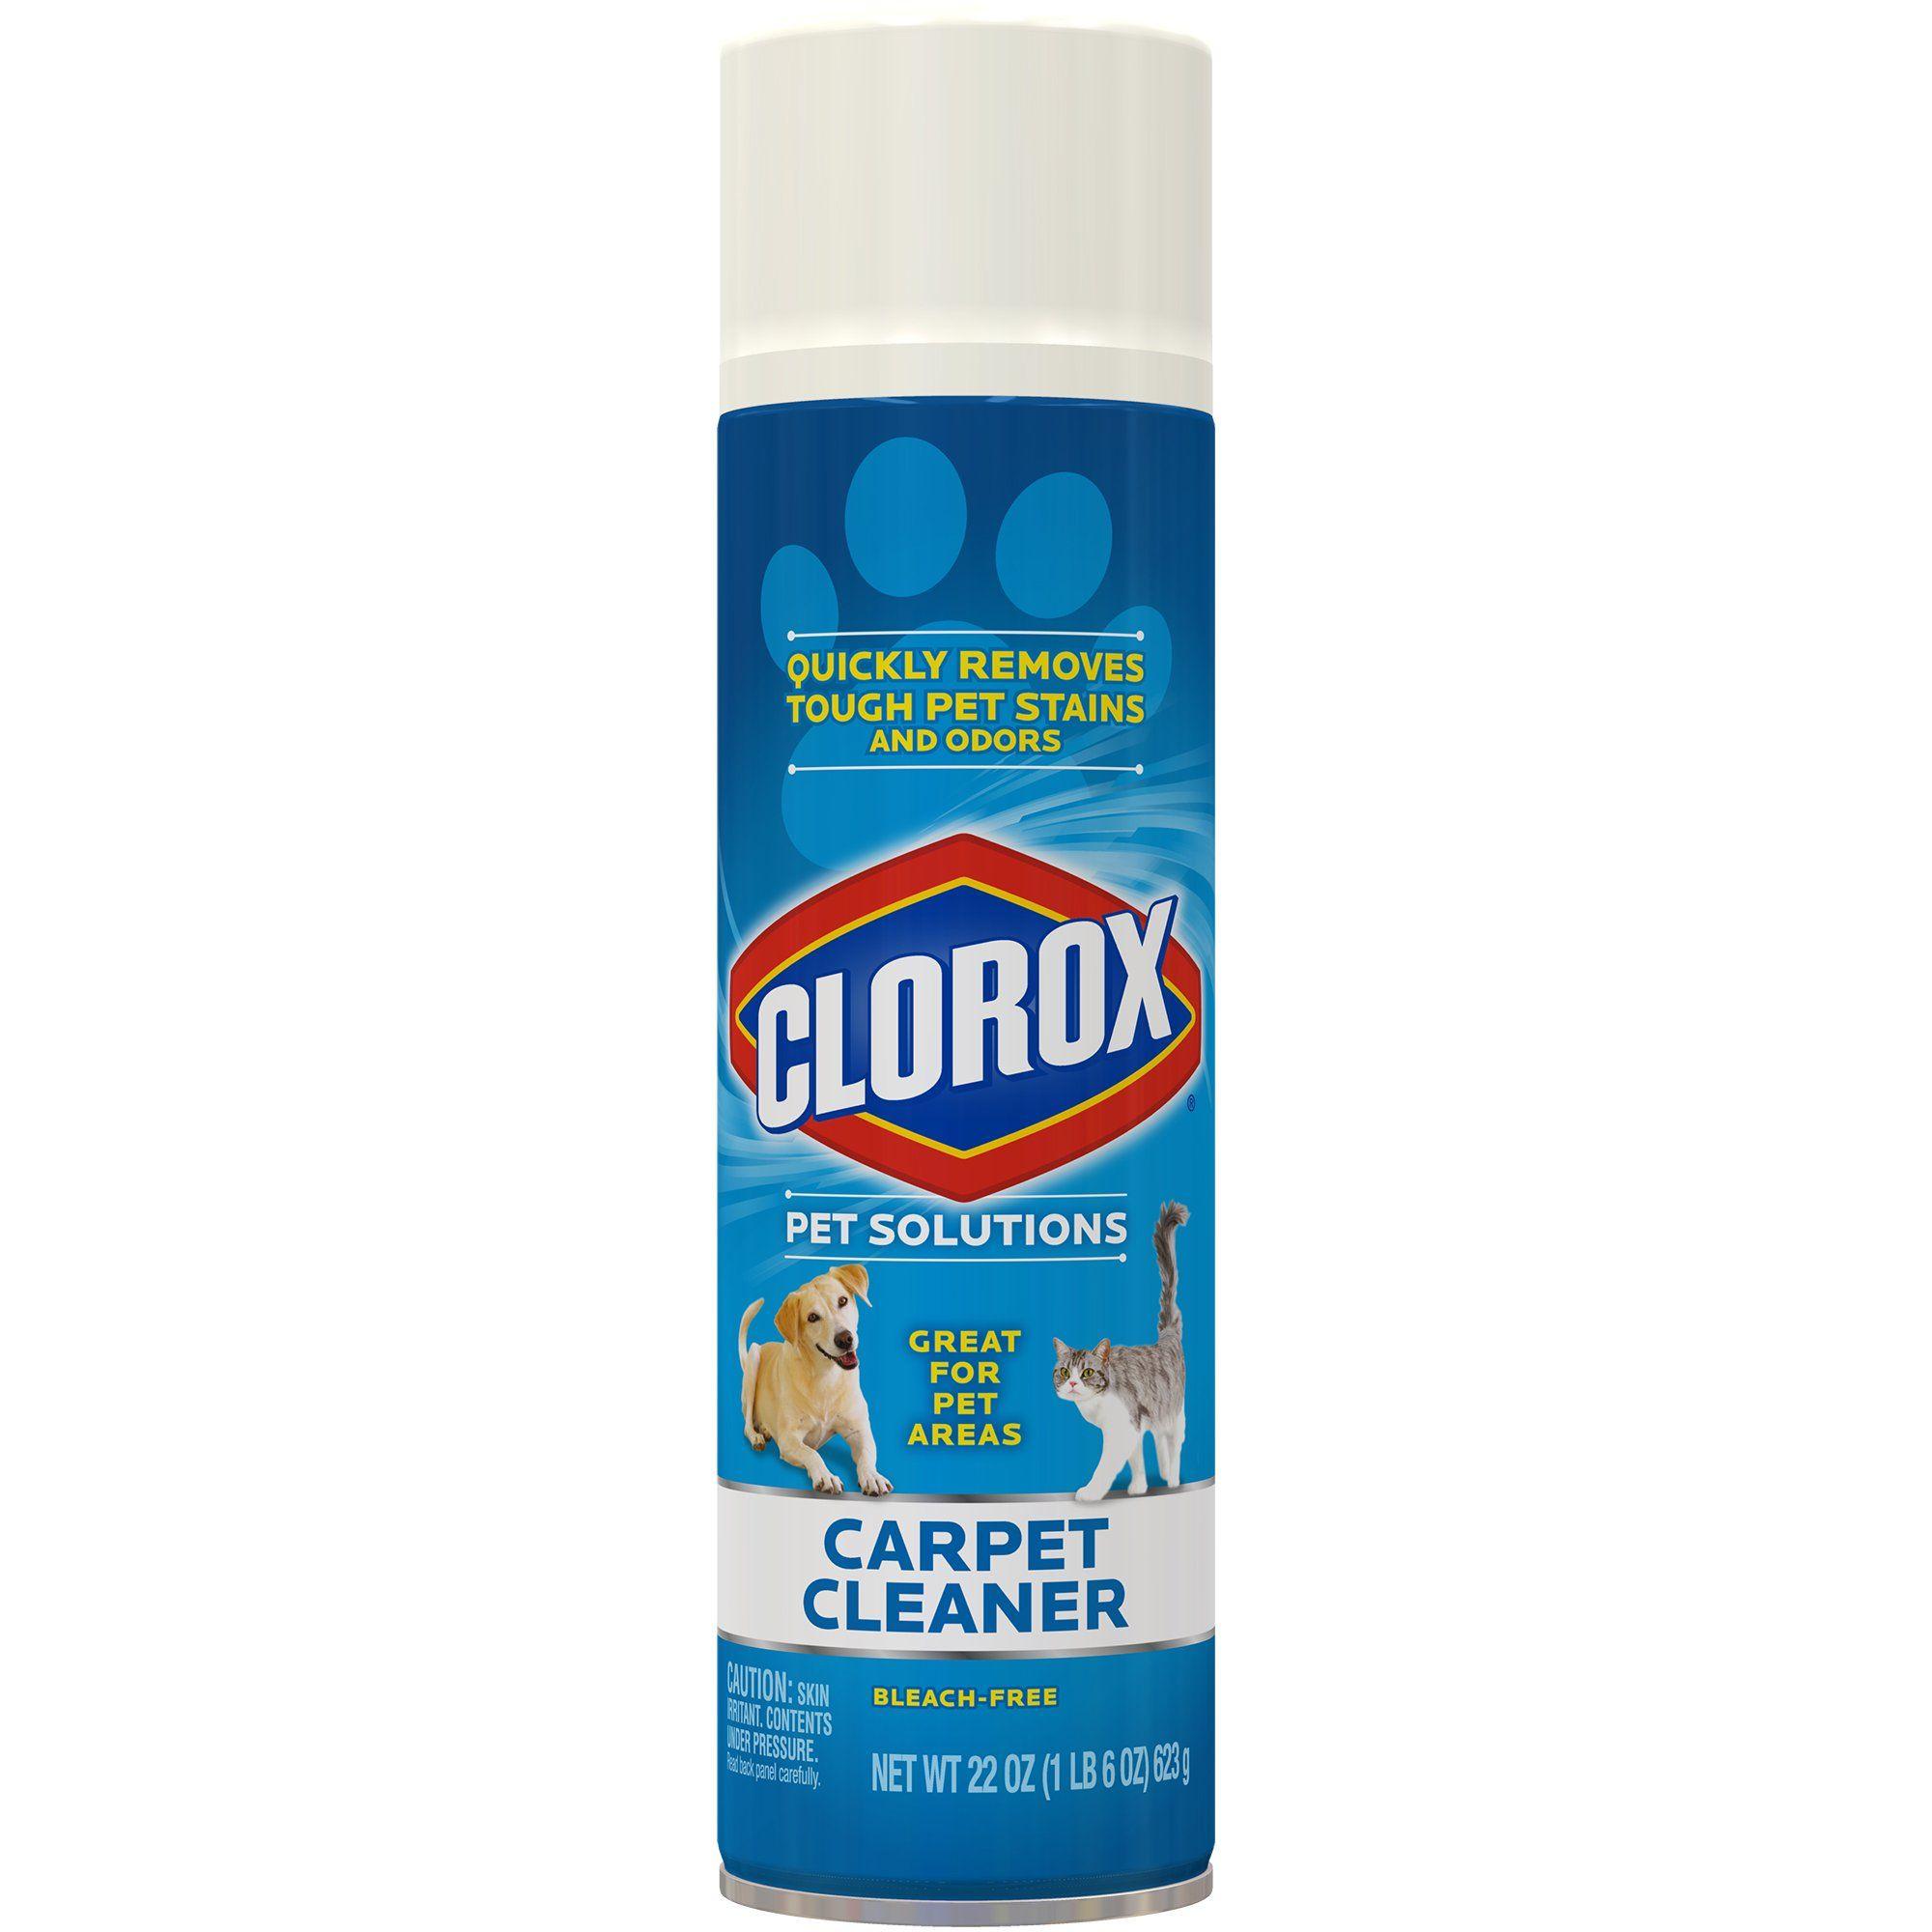 Clorox Carpet Cleaner Aerosol 22 Fl Oz Carpet Cleaners Best